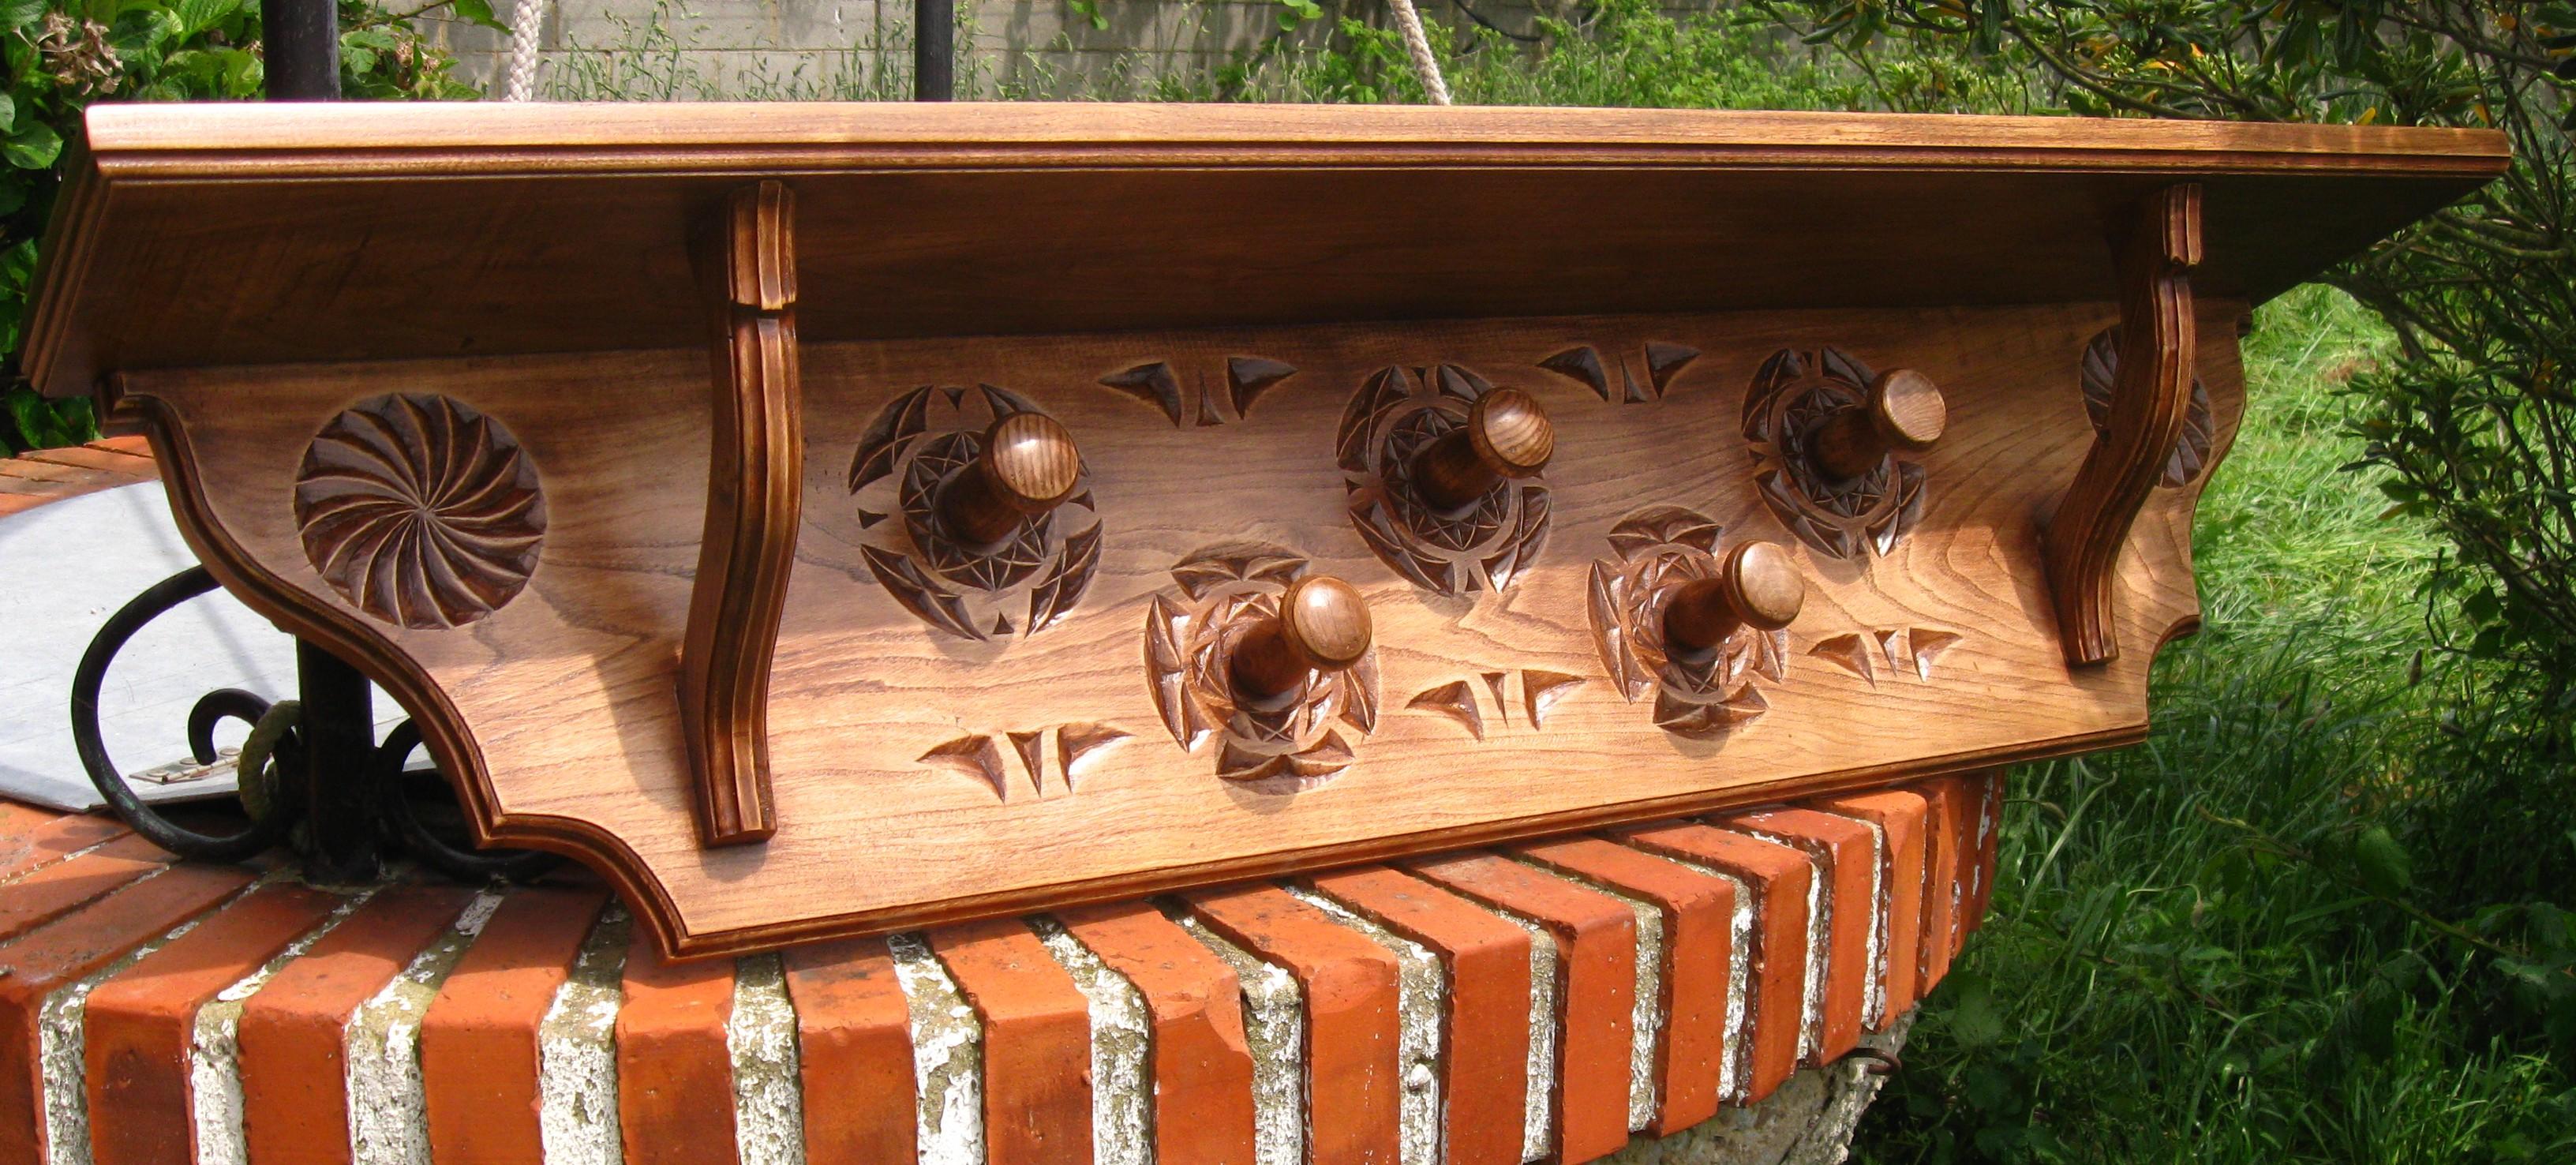 Muebles artesanales jujuy - Muebles artesanales de madera ...